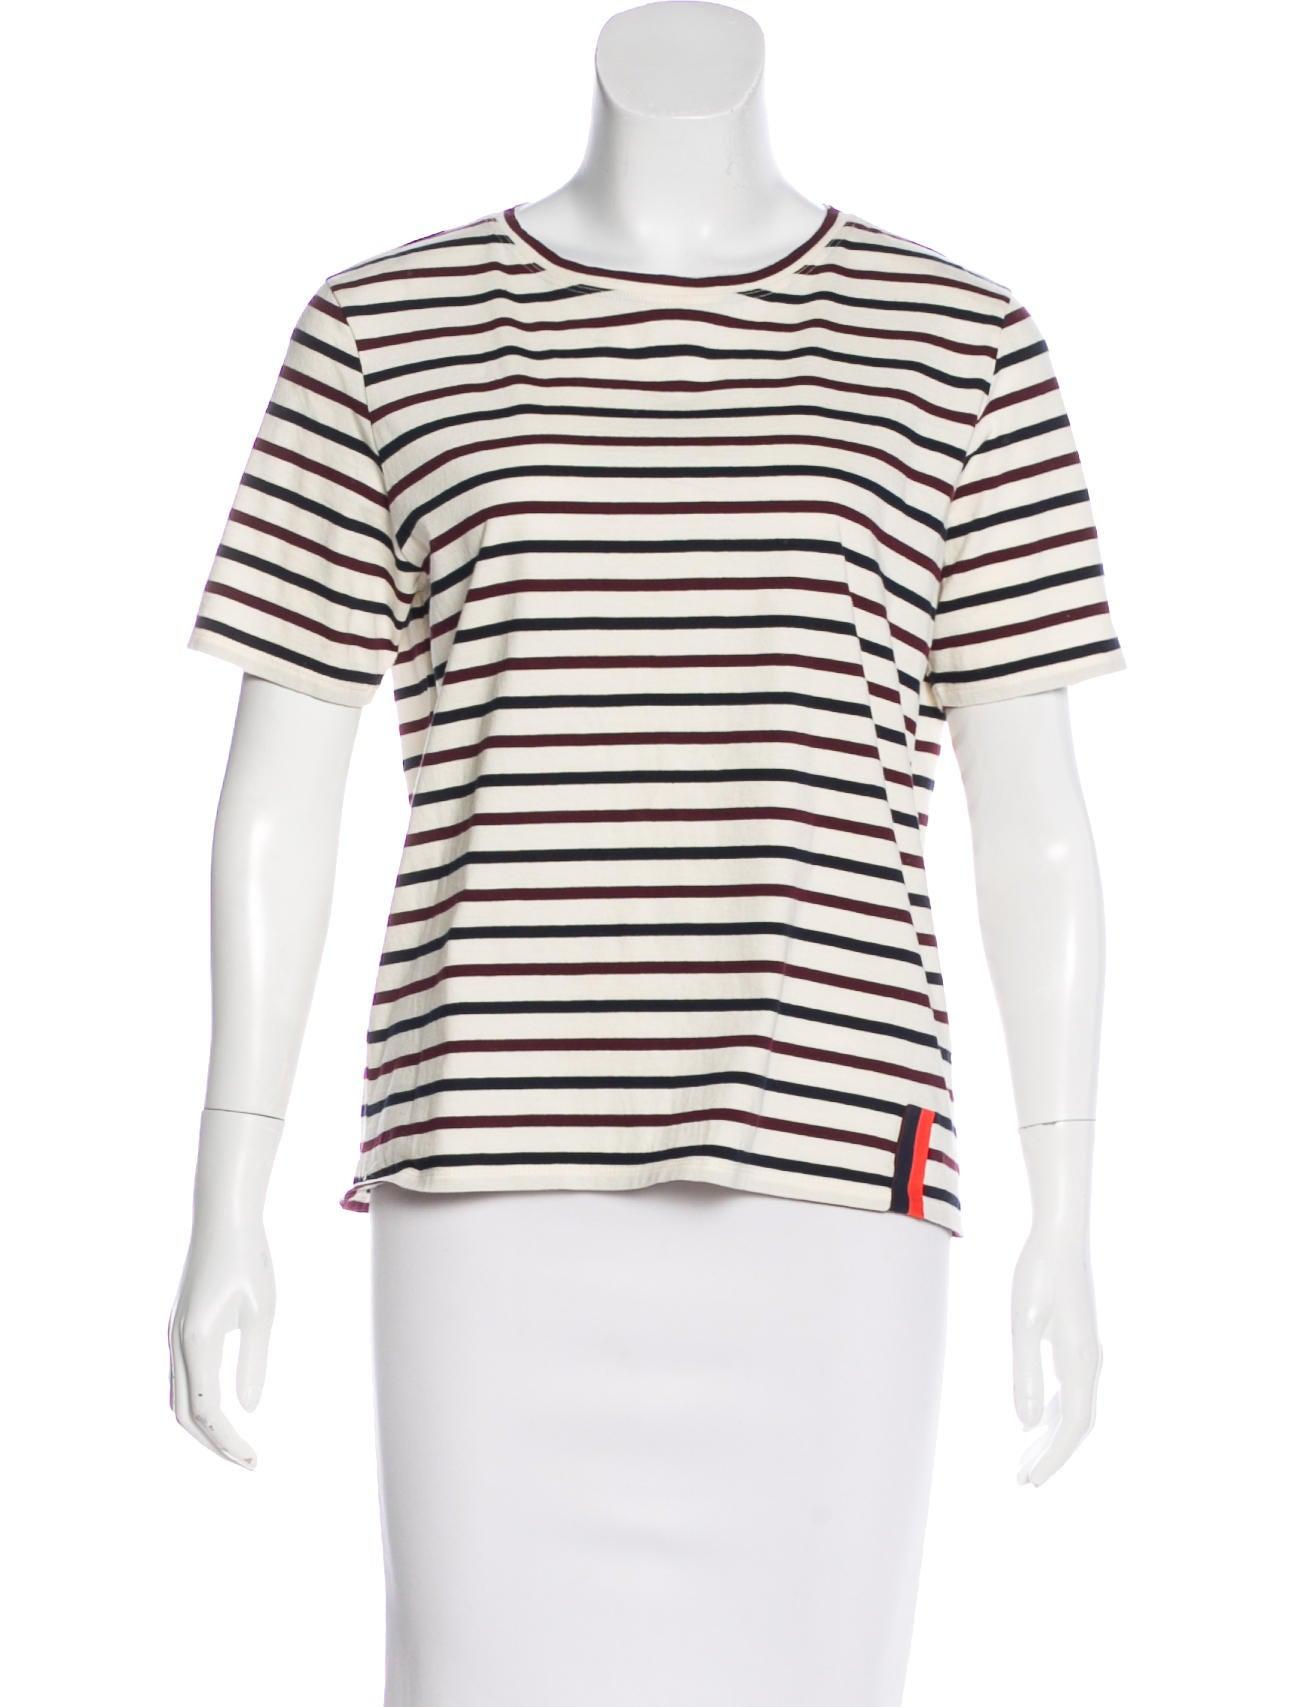 KULE Striped short-sleeve T-shirt JshK98